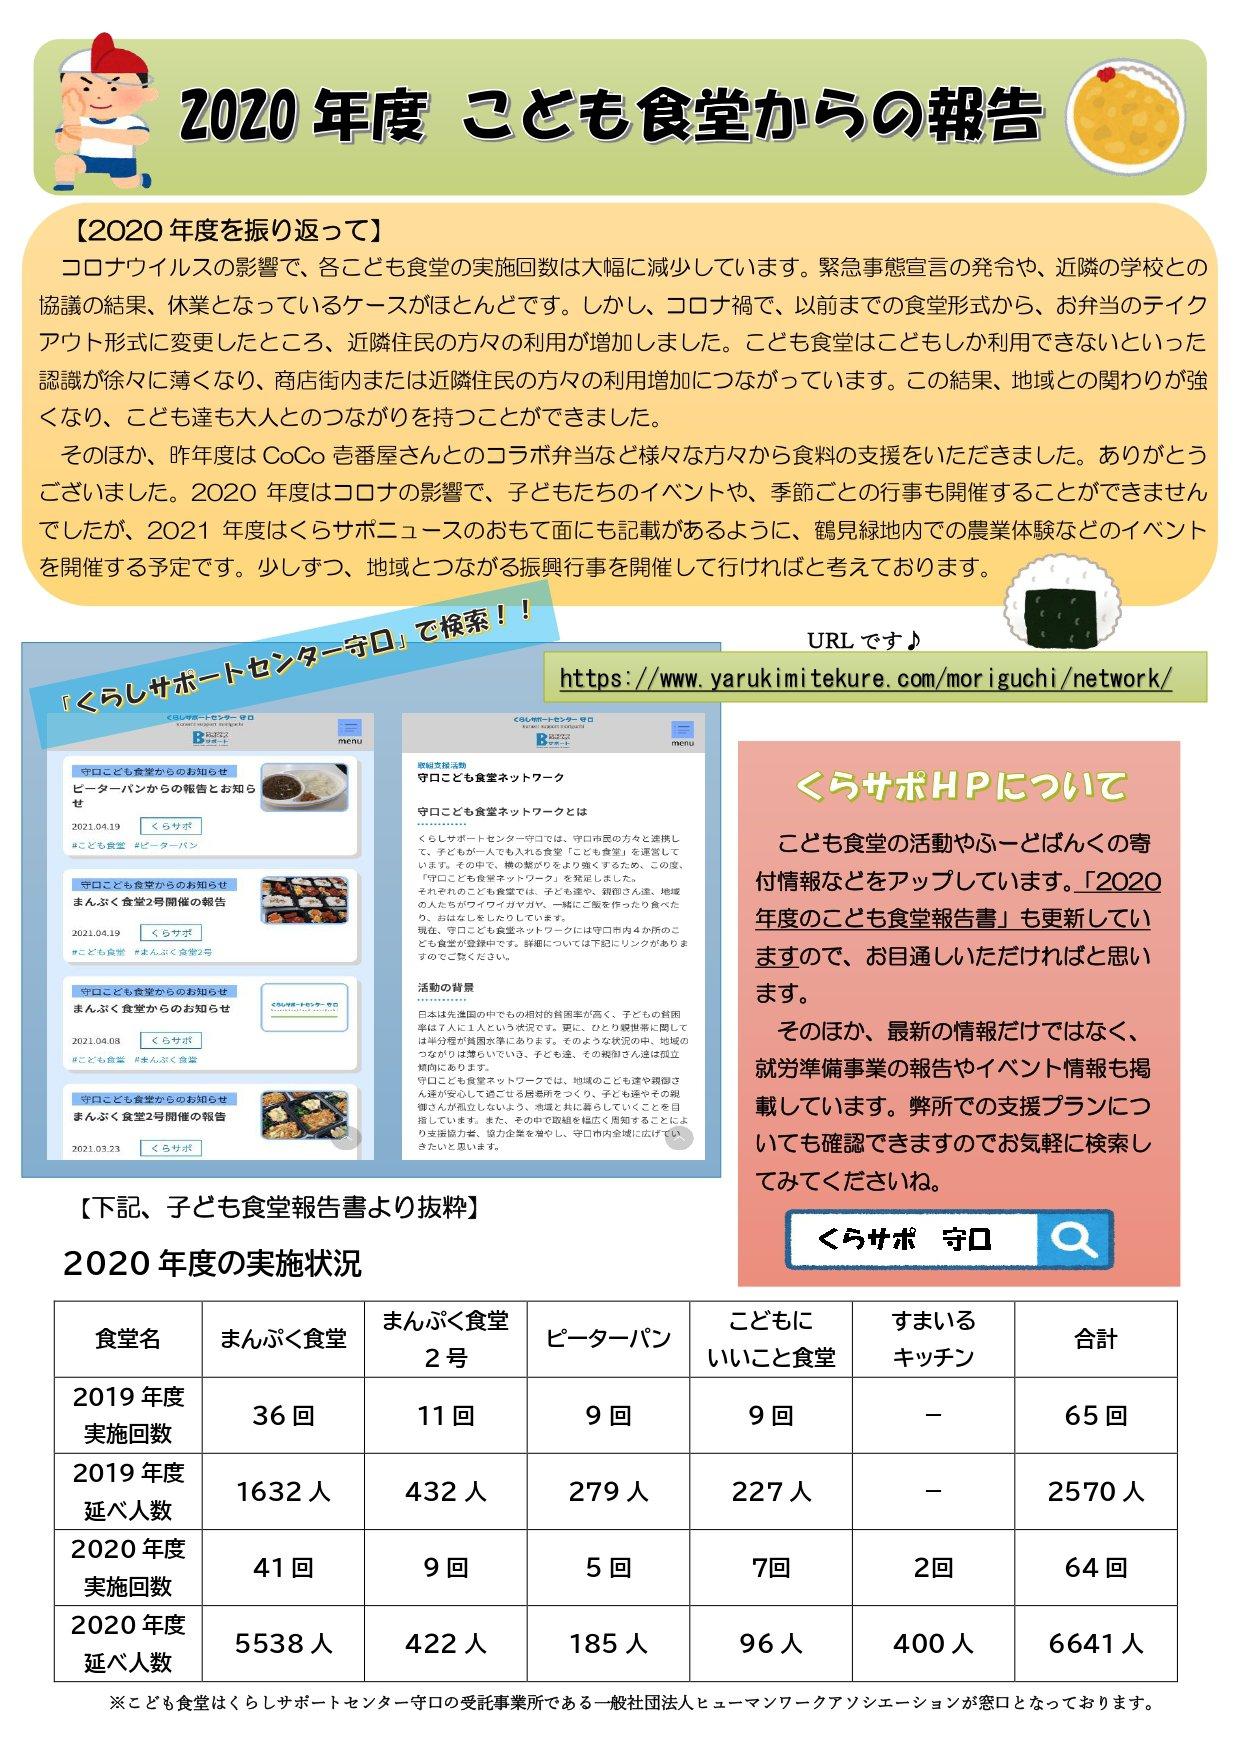 くらサポニュース 最終版_page-0002.jpg